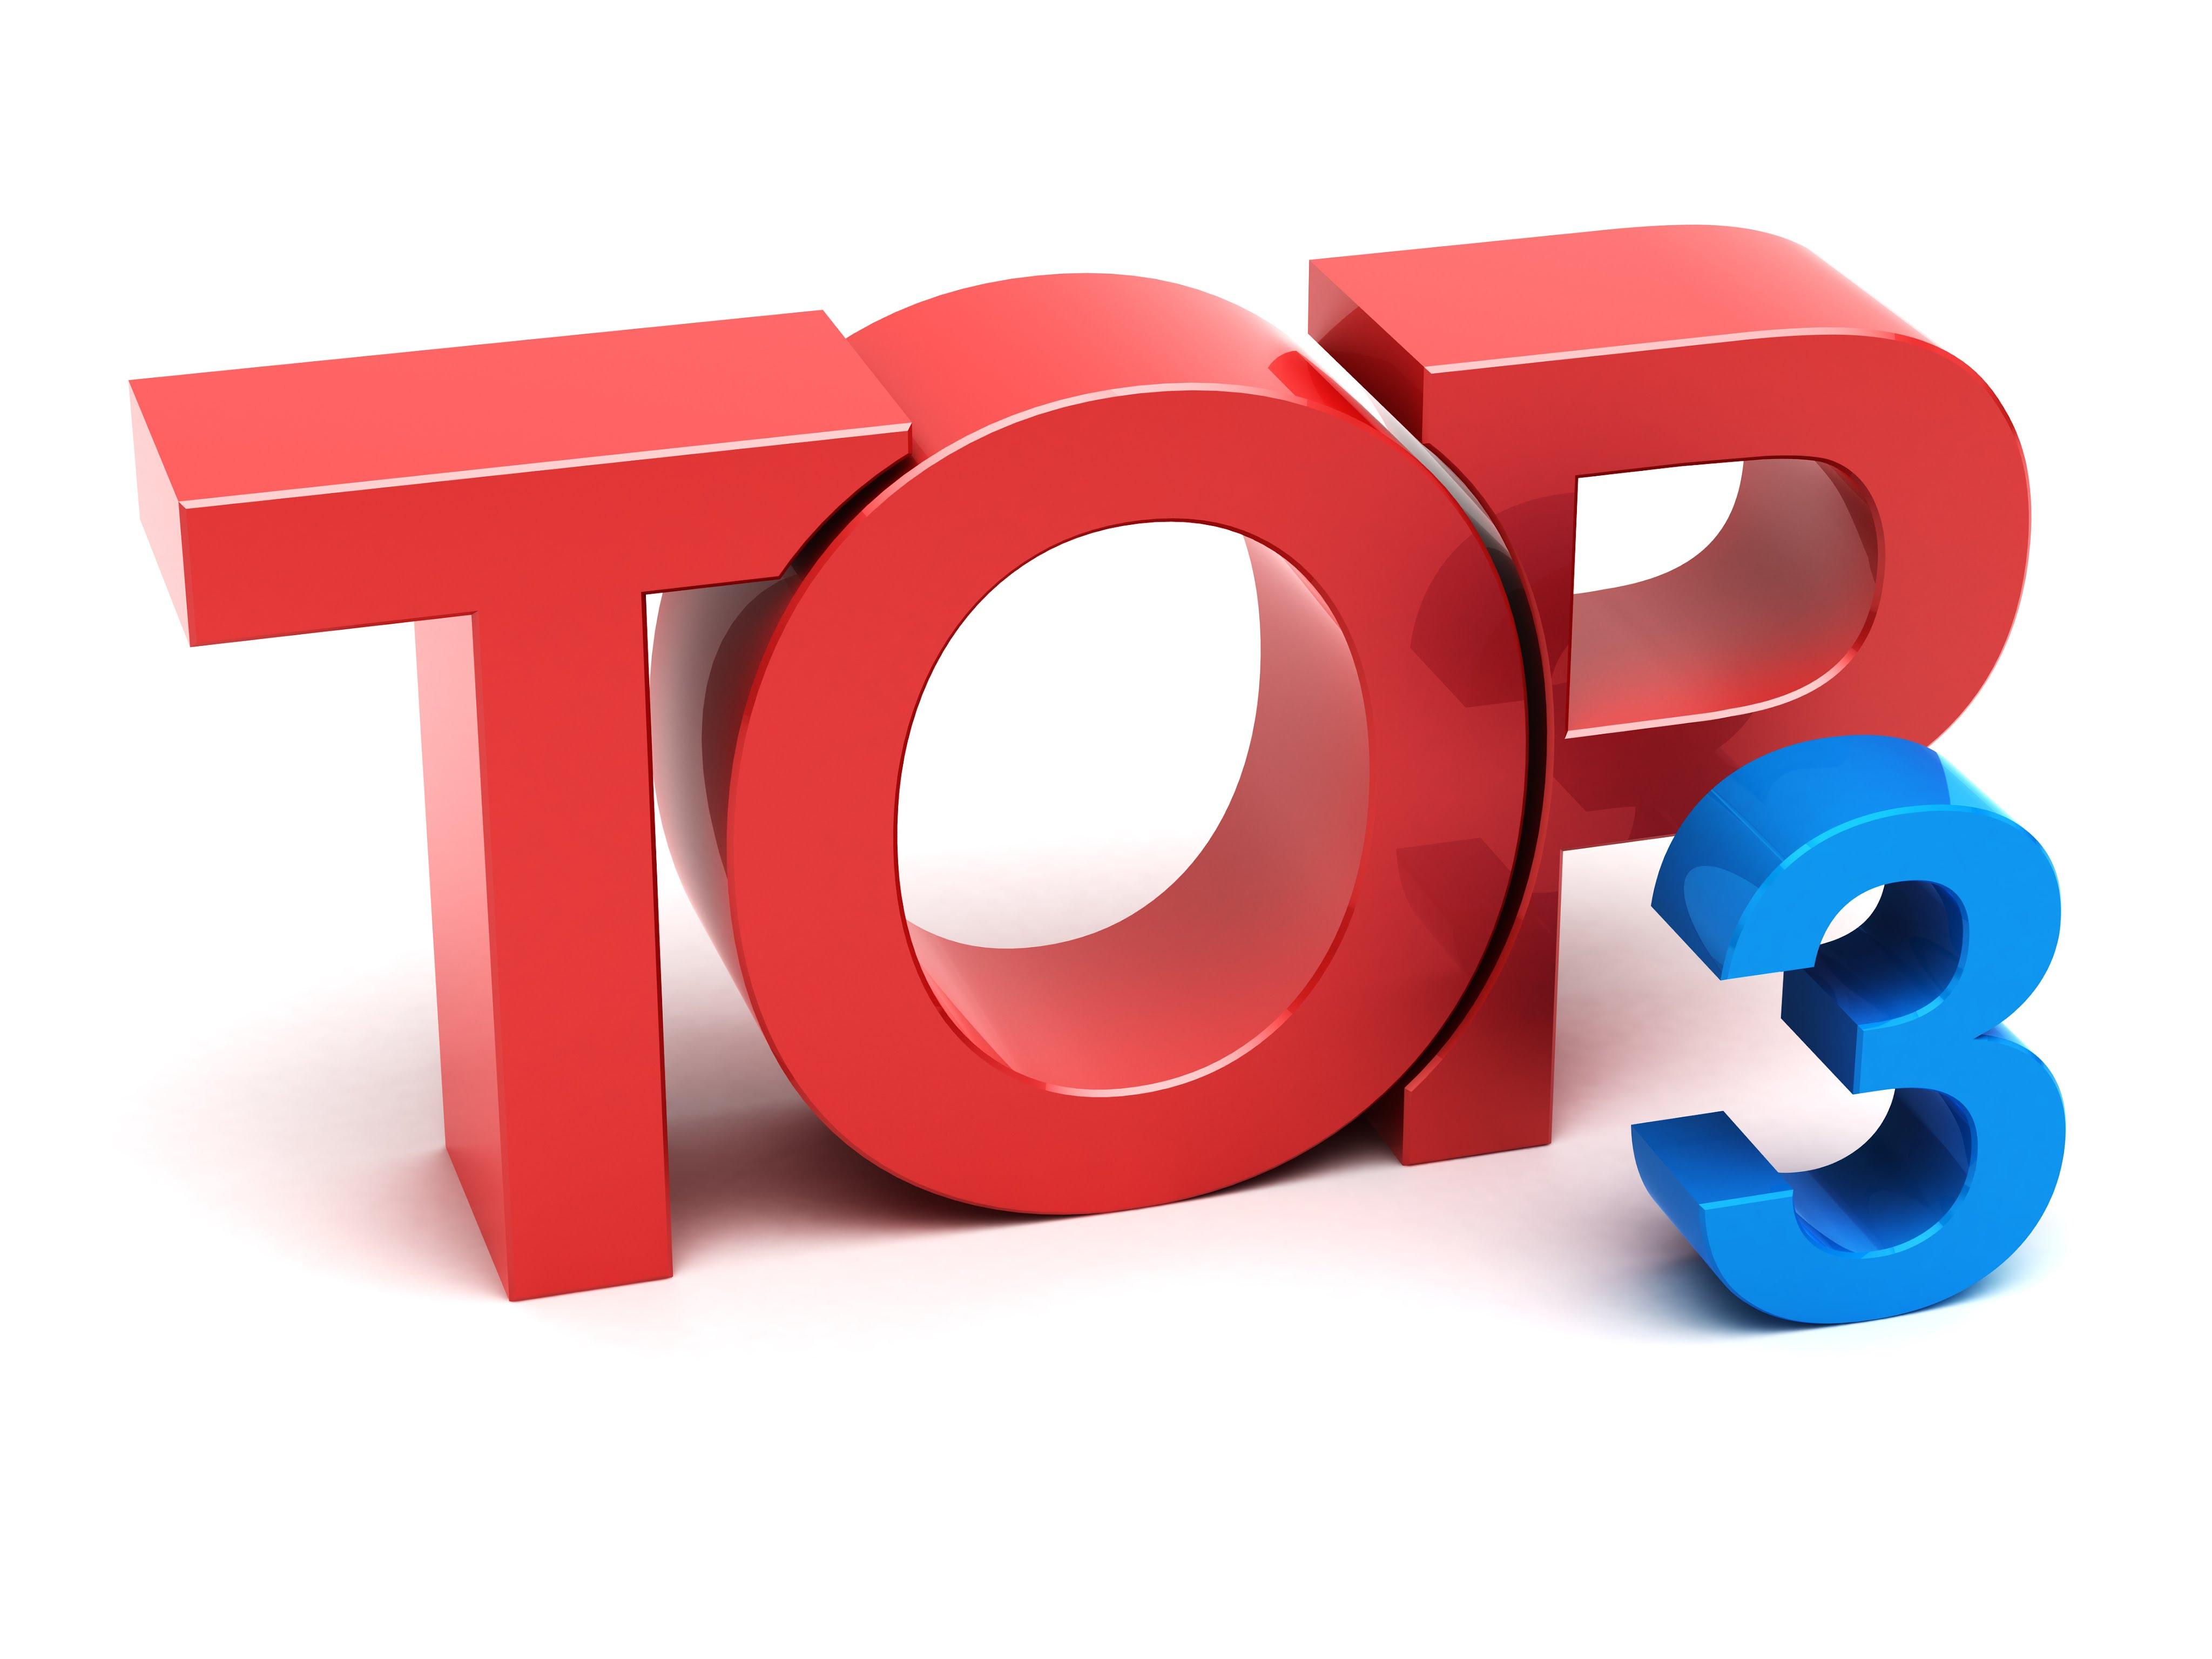 ТОП 3: что влияет на попадания сайта на первые три позиции и почему это так важно